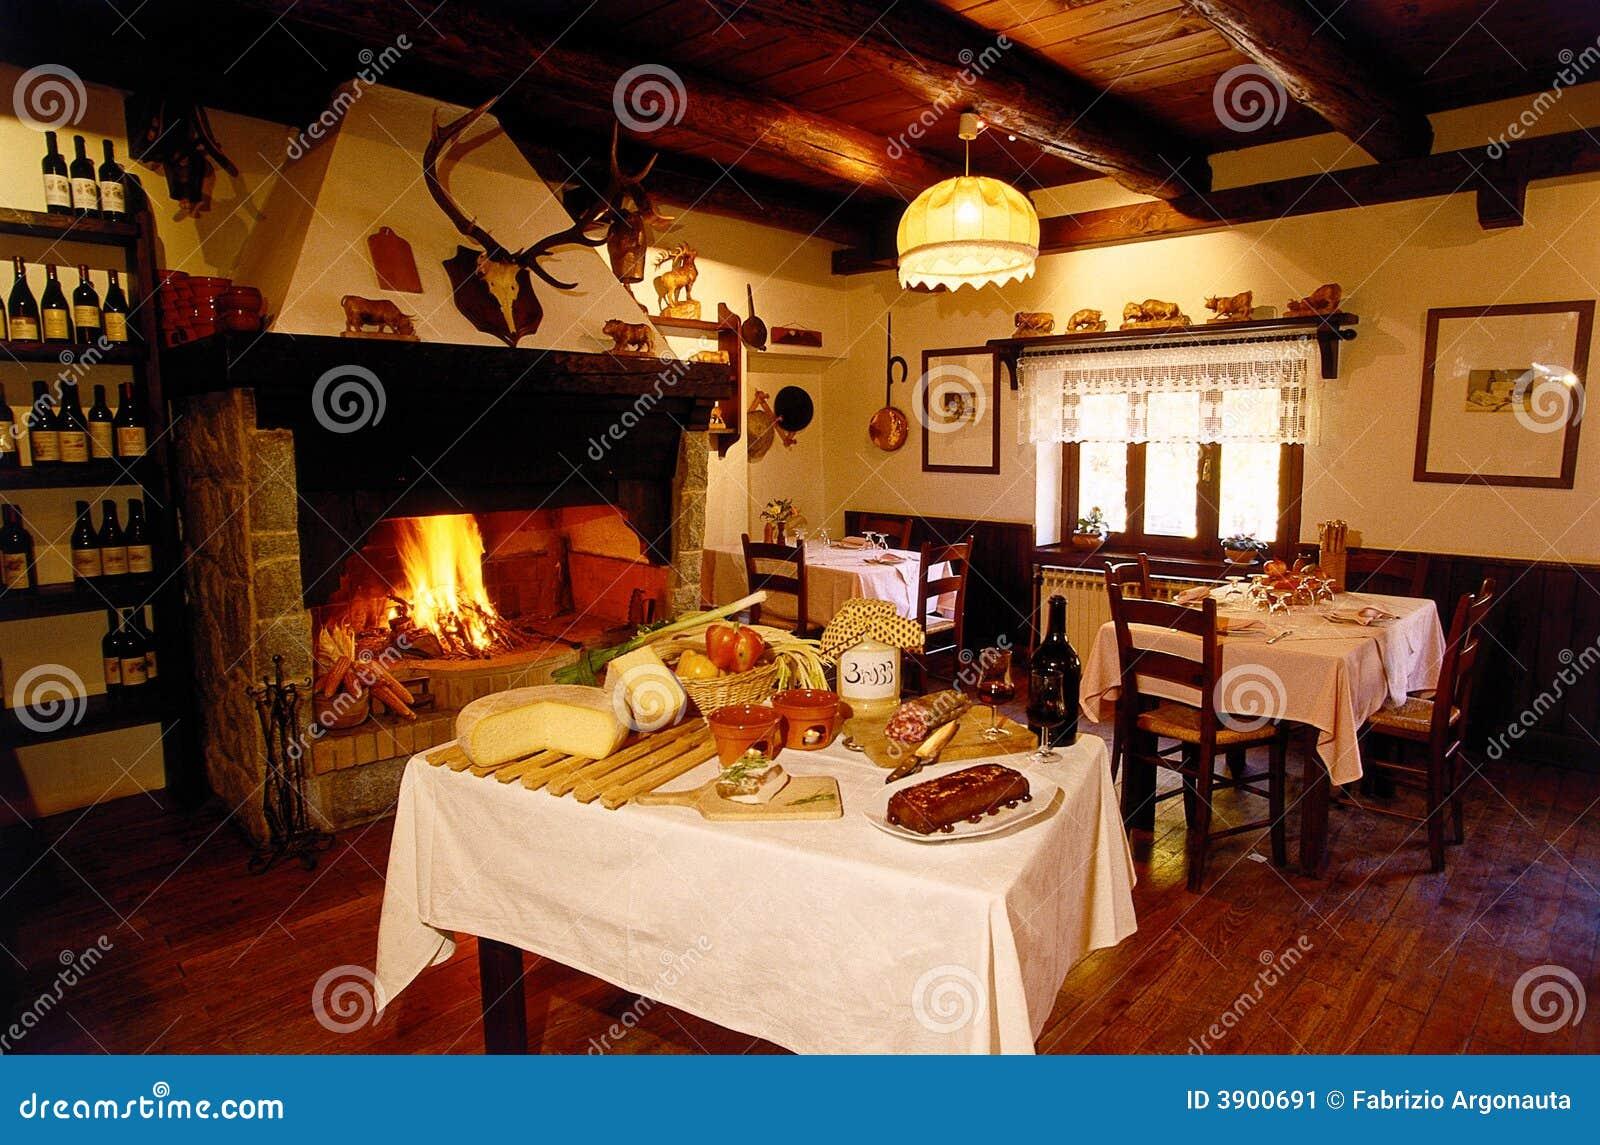 Alpine Restaurant Lounge